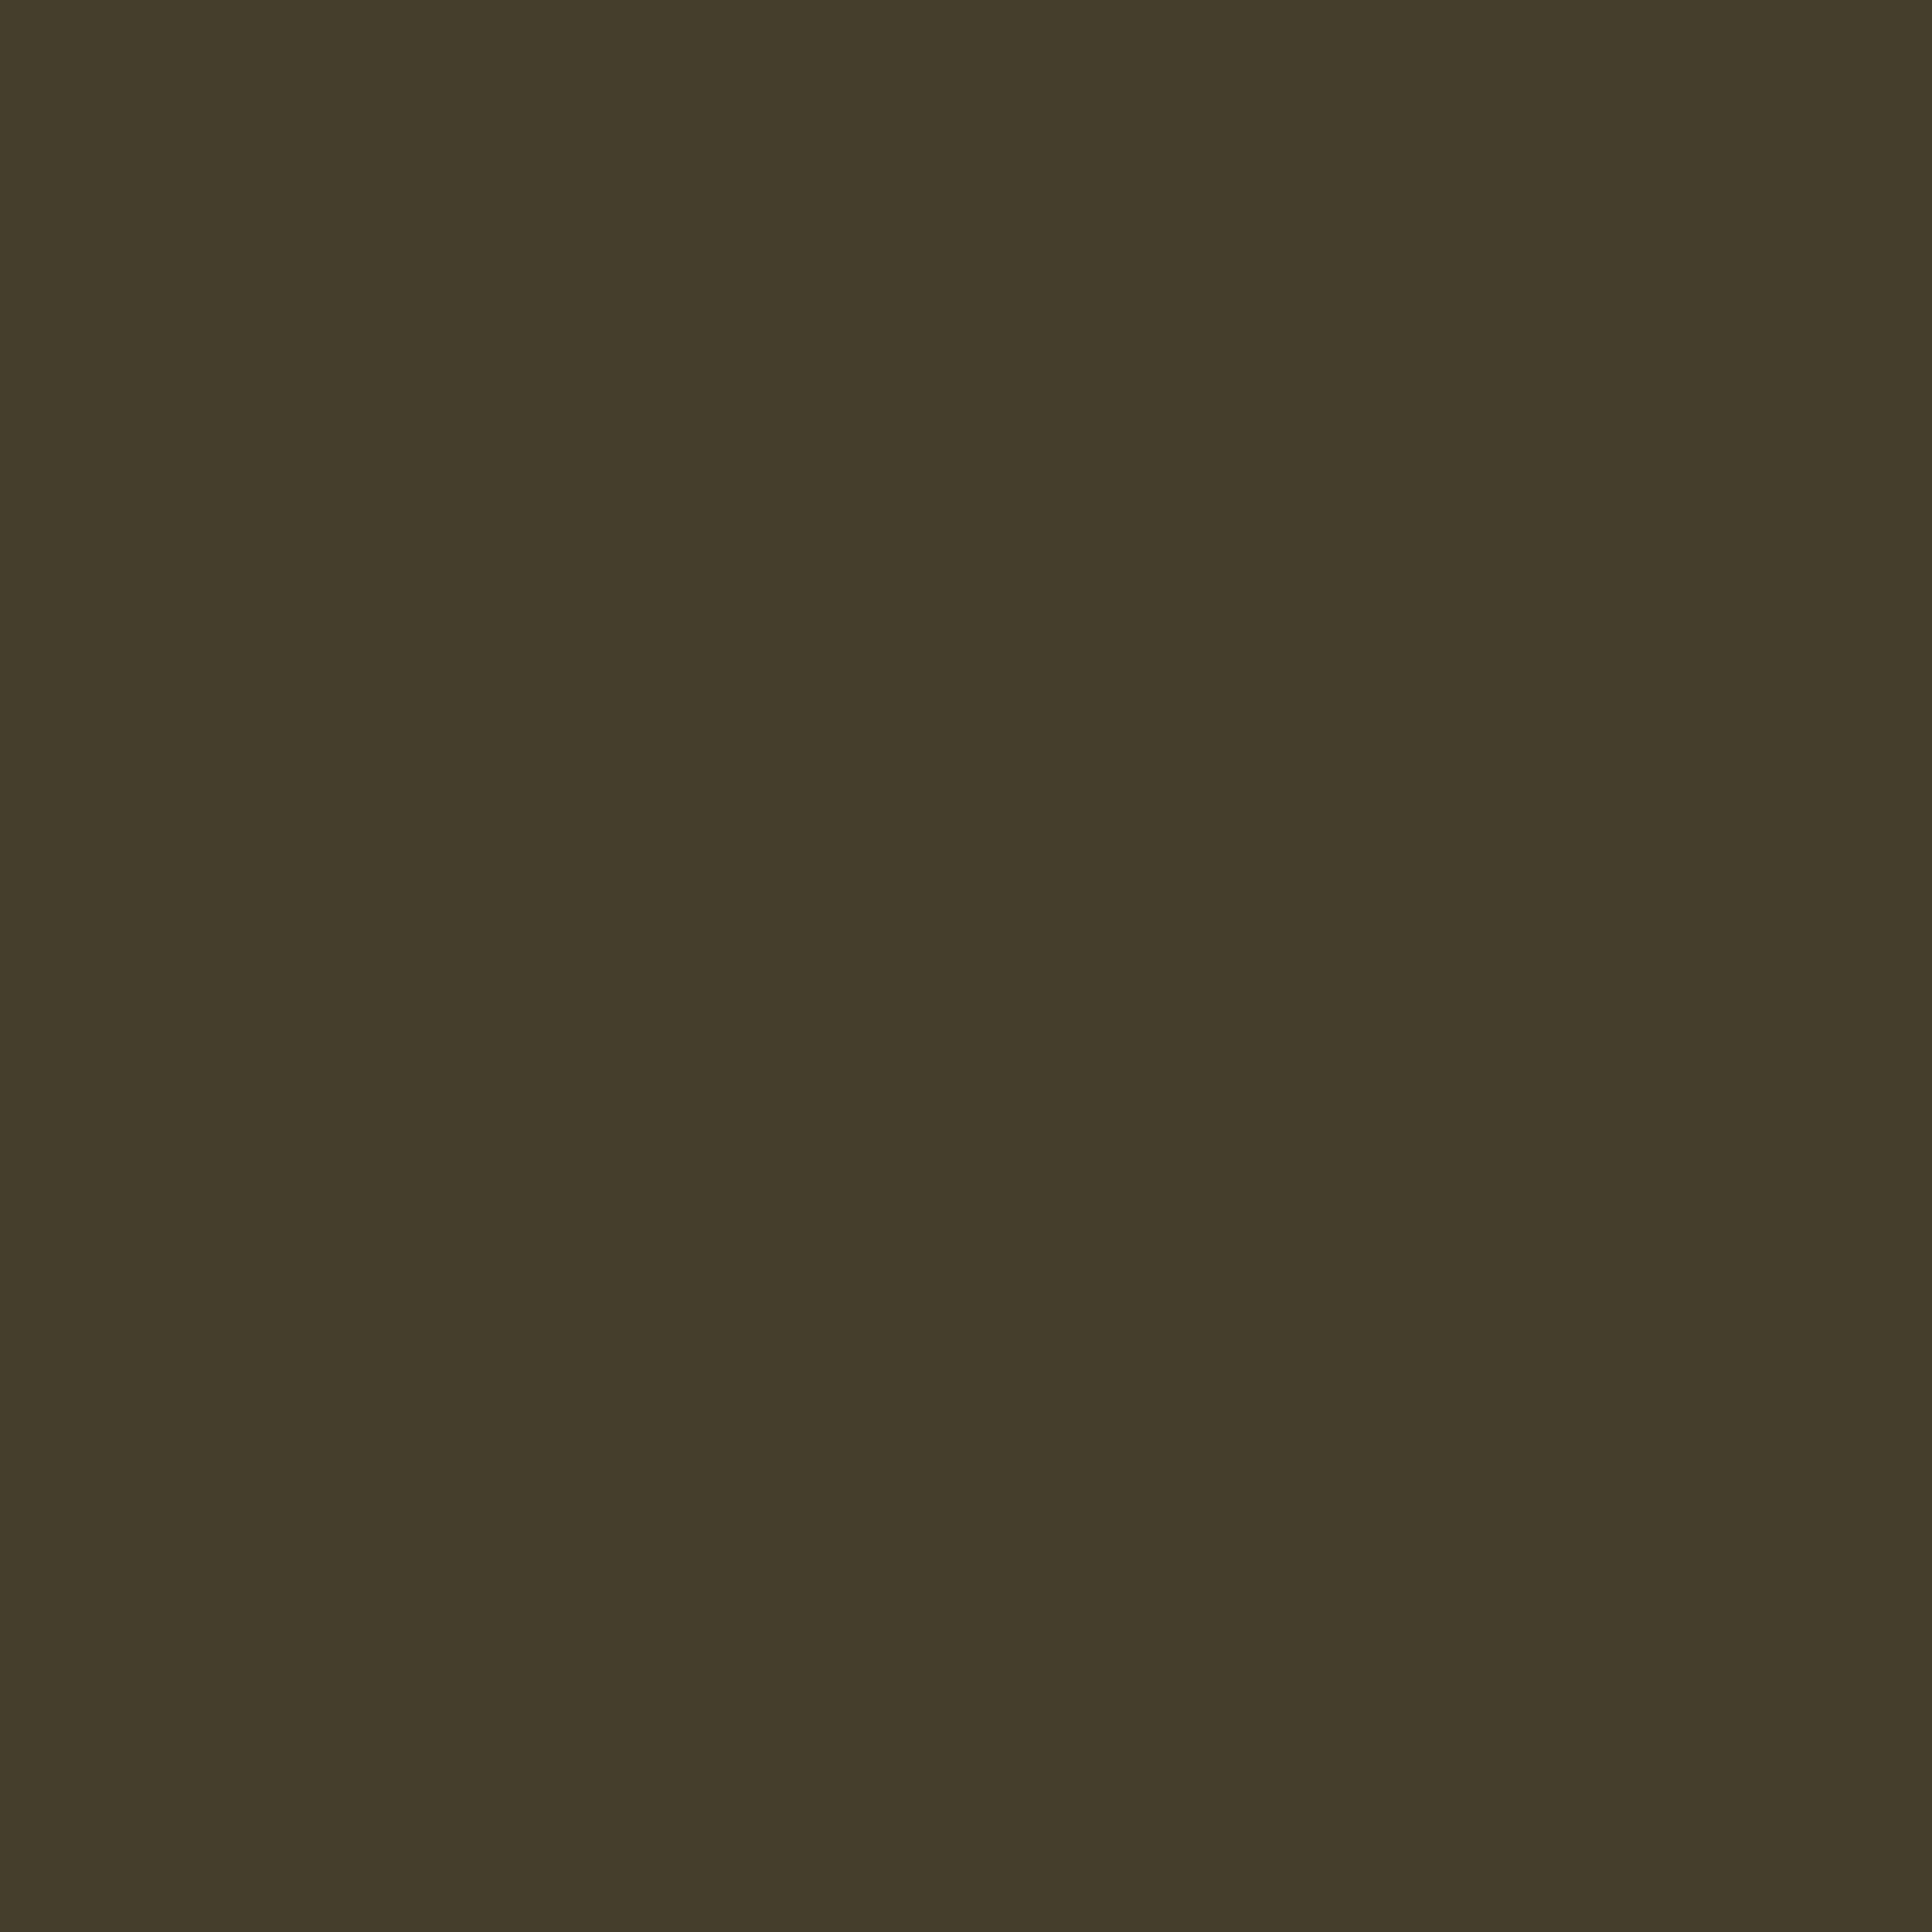 Dark olive-sand stone